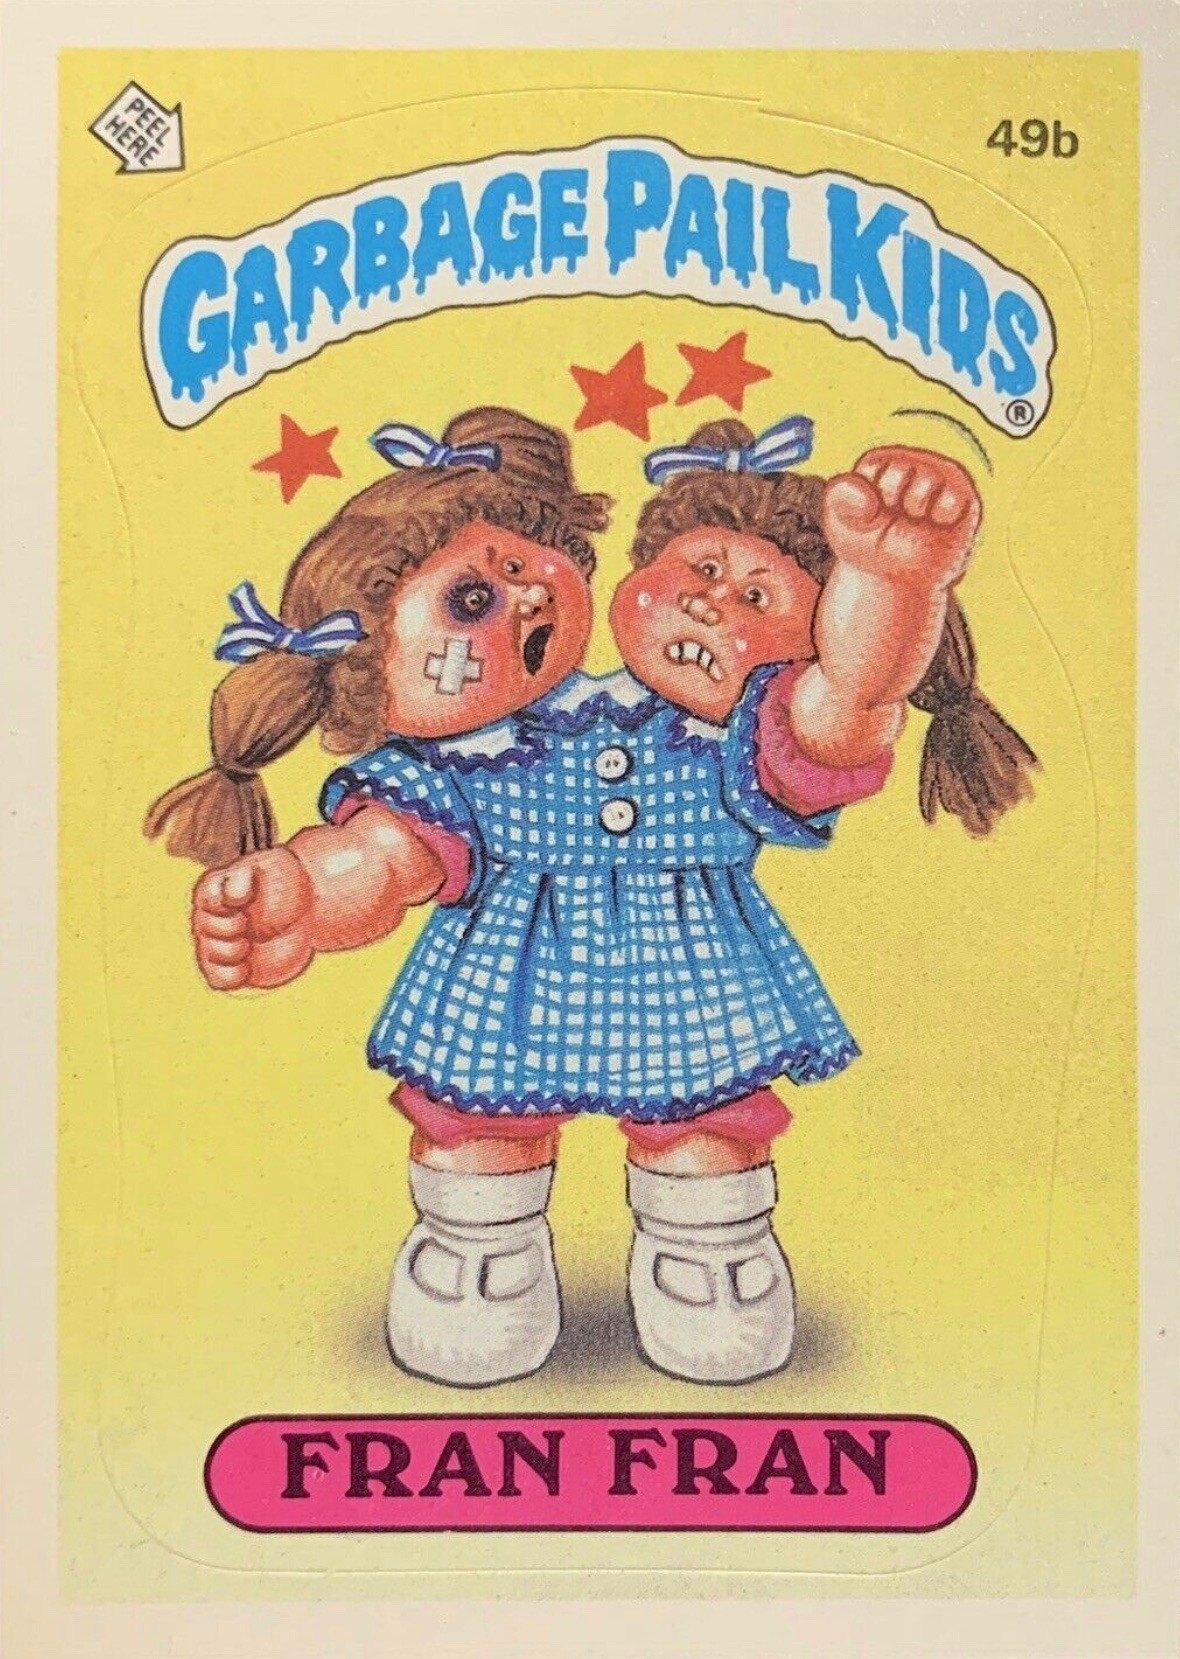 1985 Garbage Pail Kids Card #49b Fran Fran